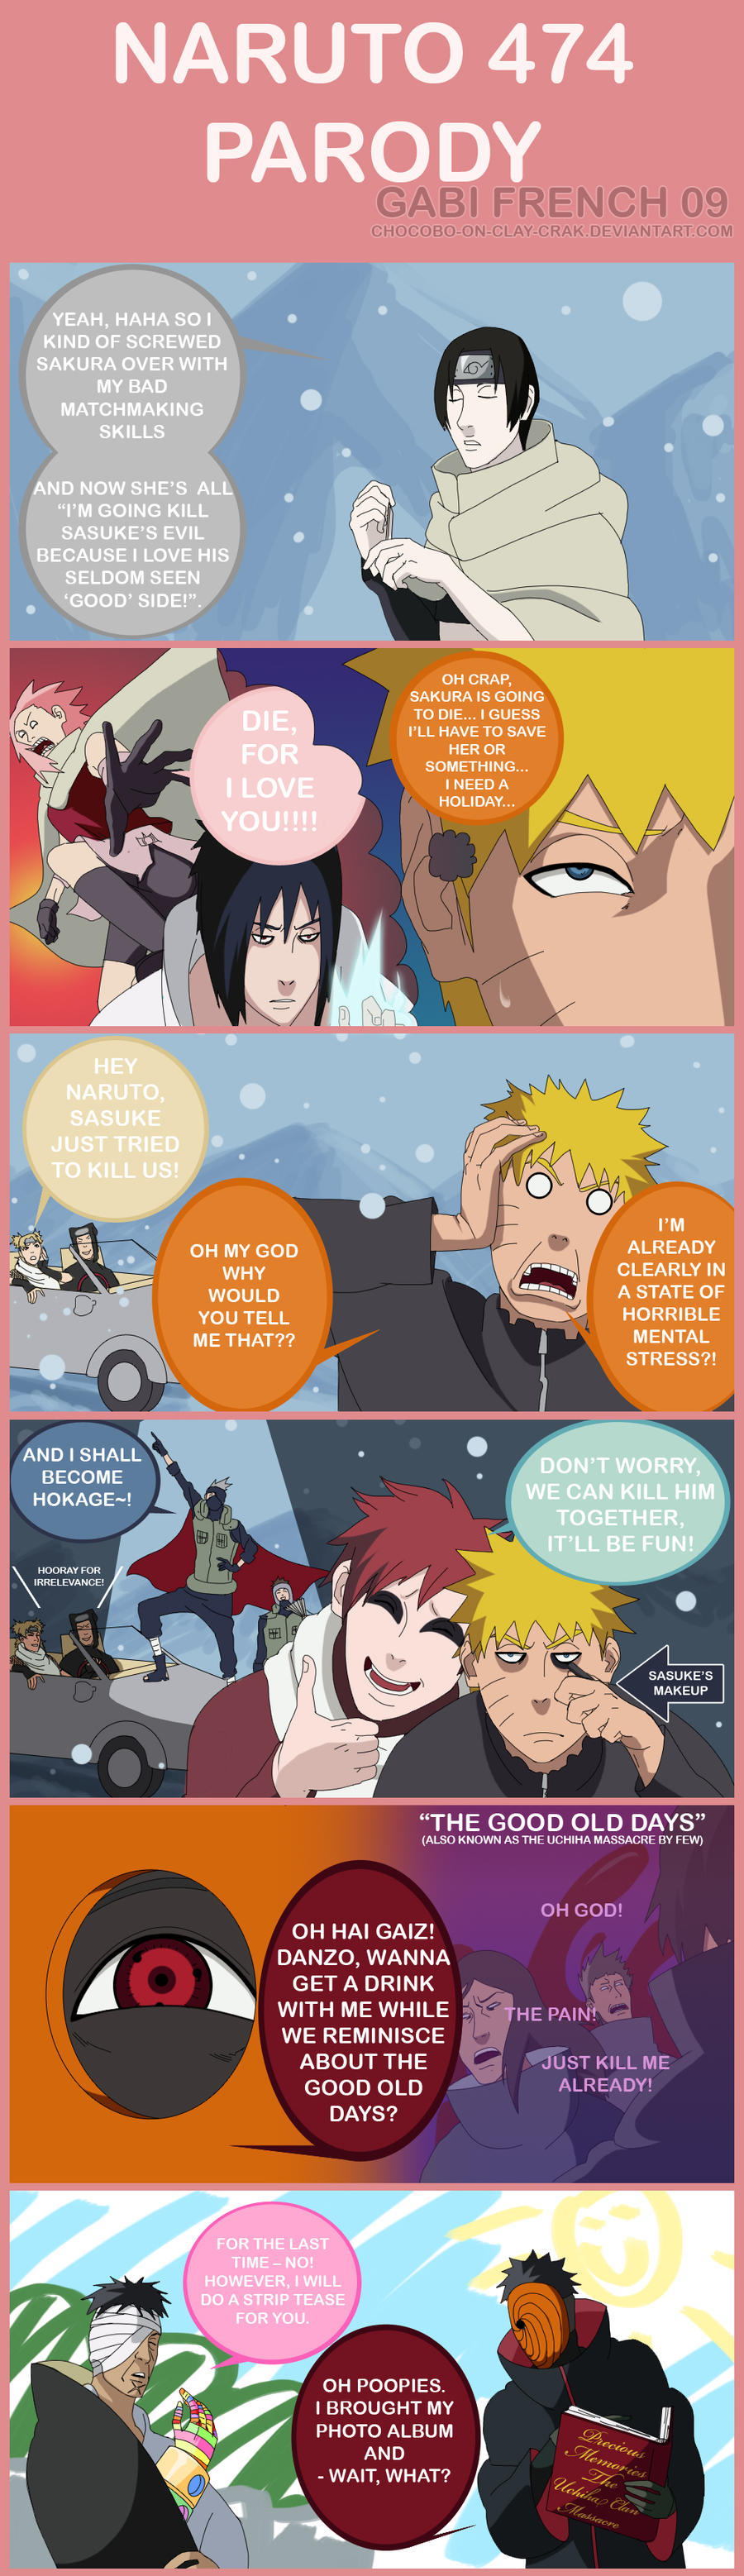 Imágenes graciosas, bizarras, estupidas - Página 3 Naruto_474_Parody_by_chocobo_on_clay_crak